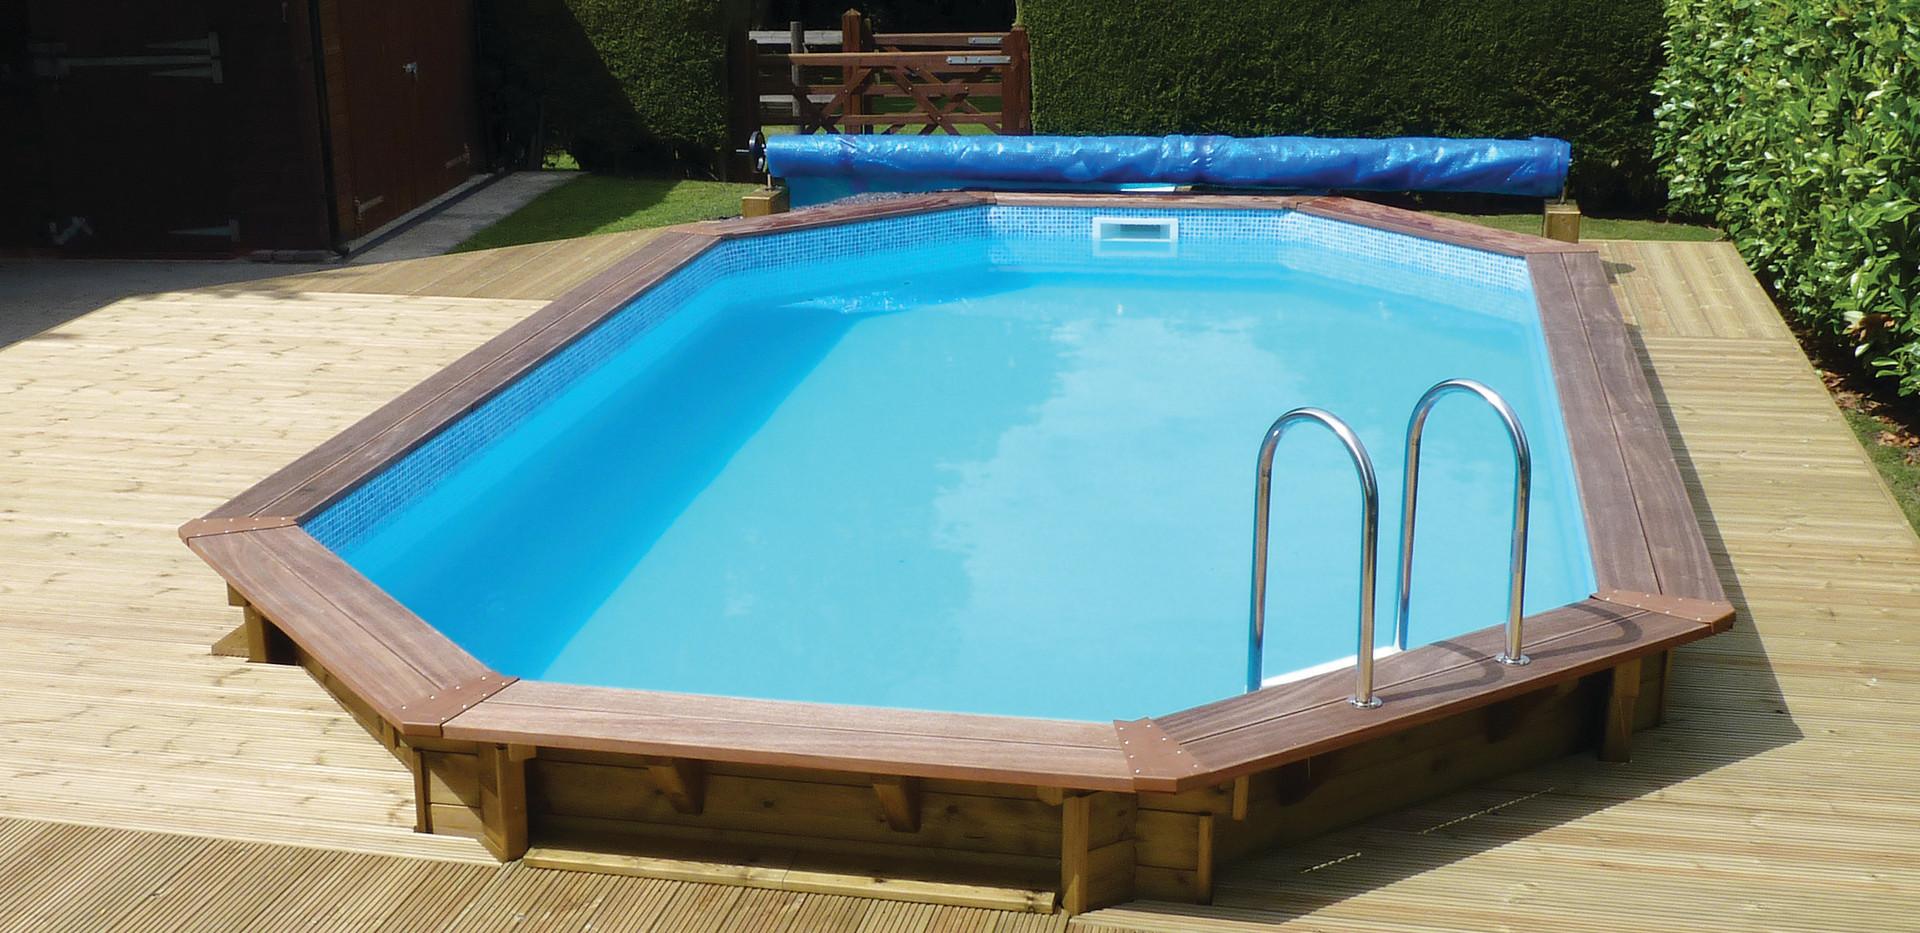 swimming pool 028 modified.jpg